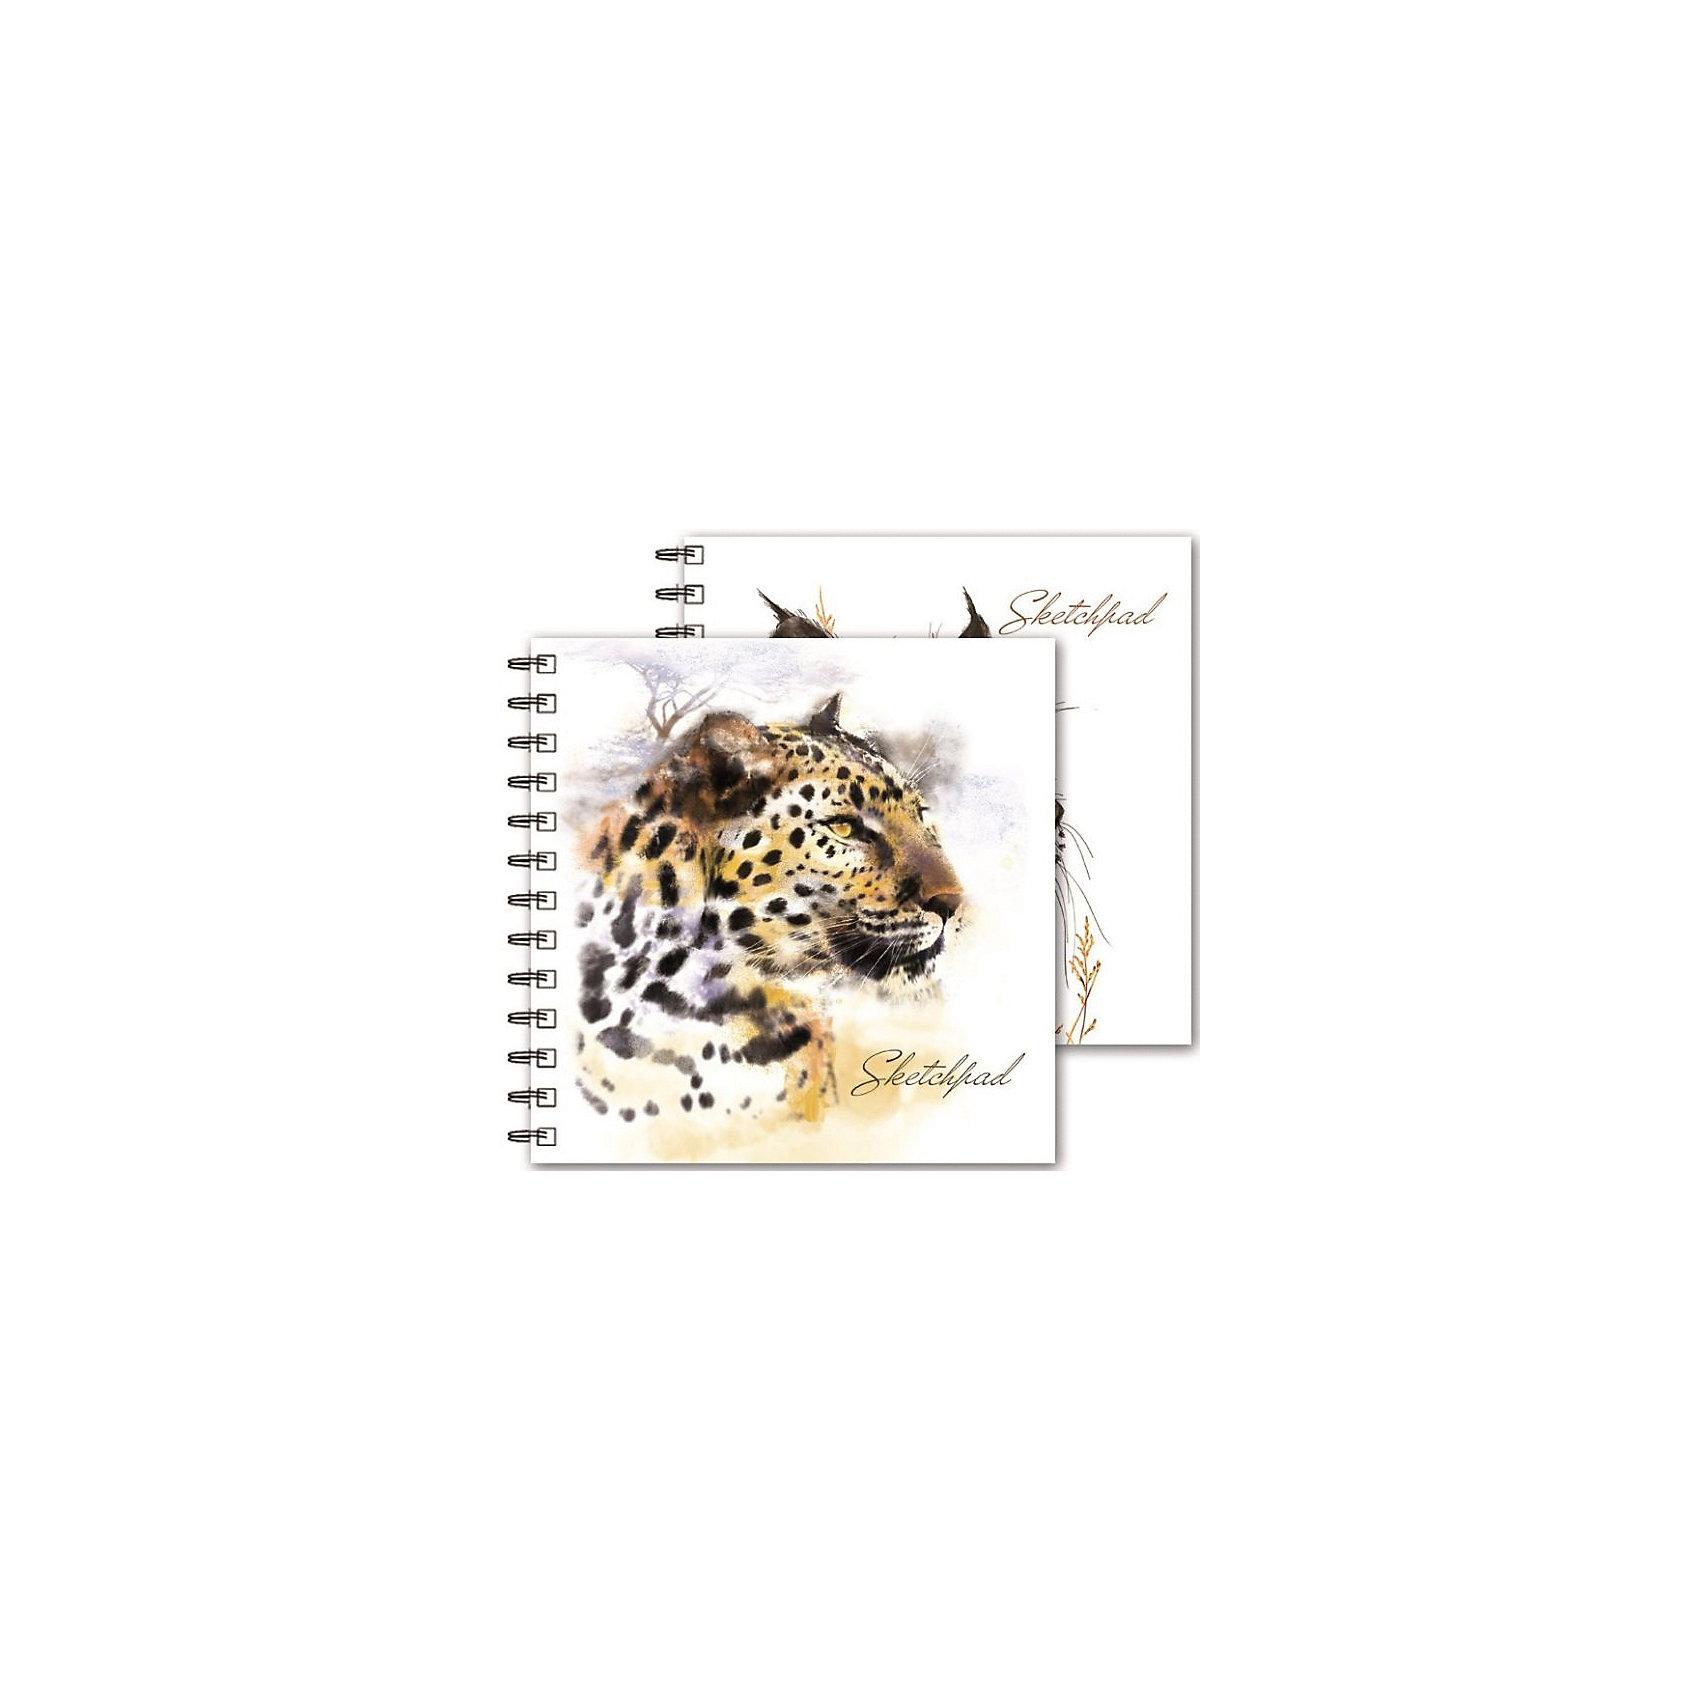 Альбом для эскизов Дикие кошки Феникс+Бумажная продукция<br>Скетчпад  (альбом для эскизов) ДИКИЕ КОШКИ /195*195 мм, 80 л. без запечатки, обложка 7БЦ под глянц. пленкой, блок - офсет, гребень, перевертыш/<br><br>Ширина мм: 230<br>Глубина мм: 195<br>Высота мм: 20<br>Вес г: 395<br>Возраст от месяцев: 72<br>Возраст до месяцев: 2147483647<br>Пол: Унисекс<br>Возраст: Детский<br>SKU: 7046443